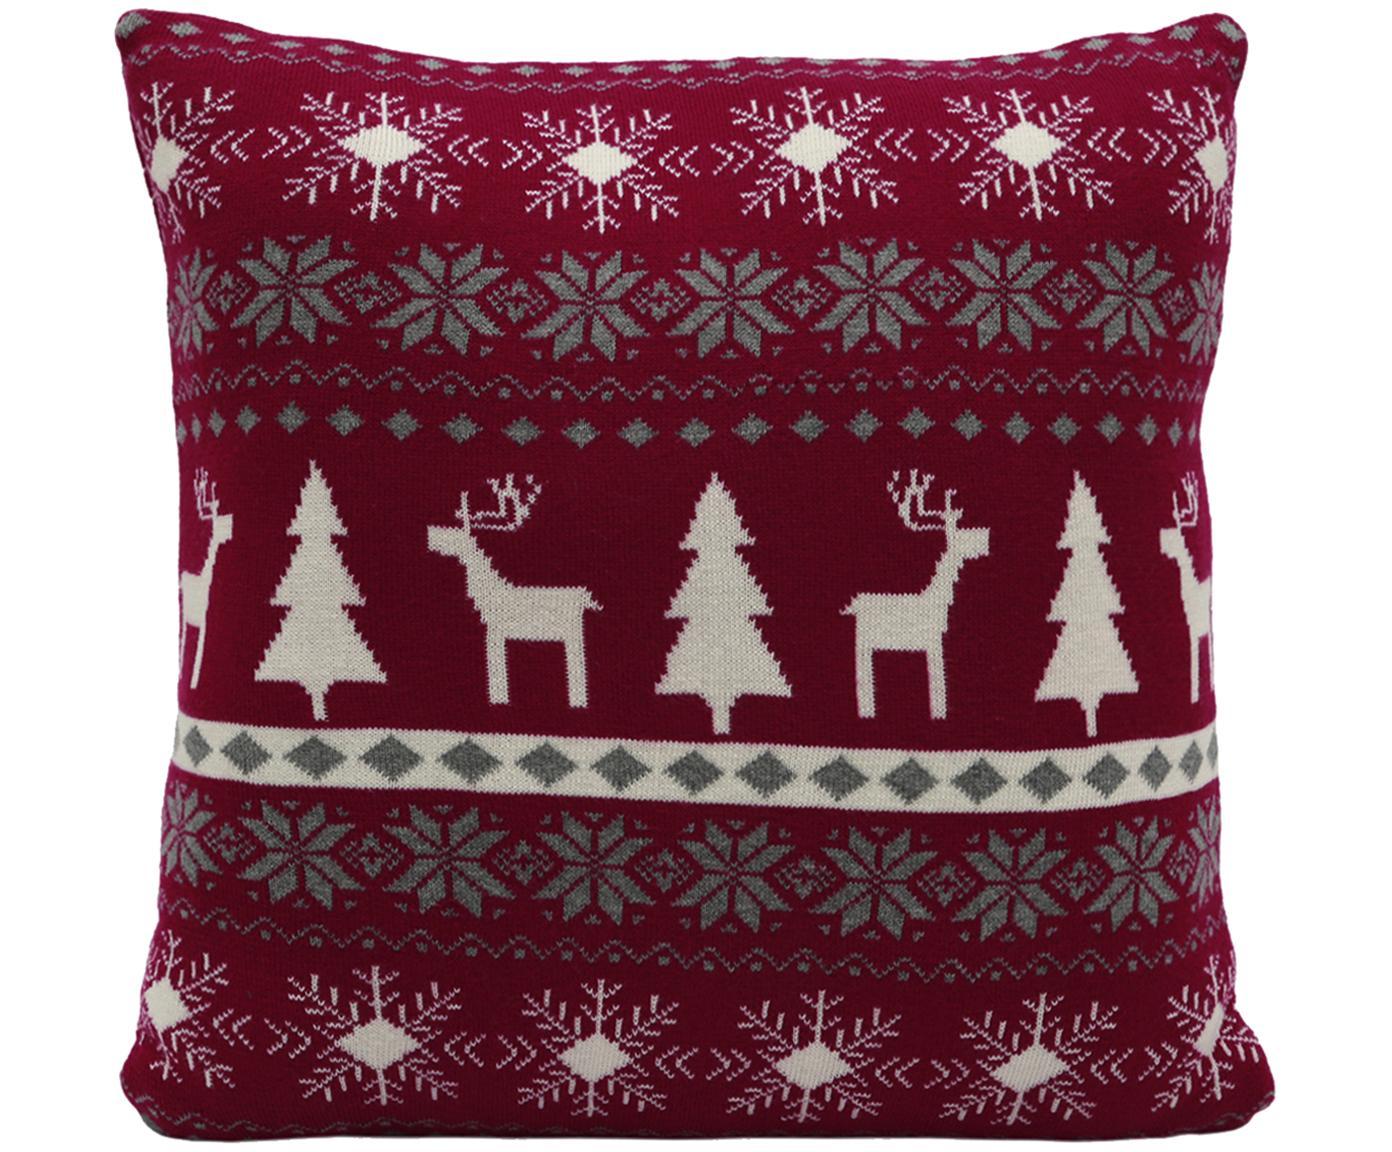 Strick-Kissenhülle David mit winterlichem Muster, Baumwolle, Dunkelrot, Cremeweiss, Grau, 40 x 40 cm